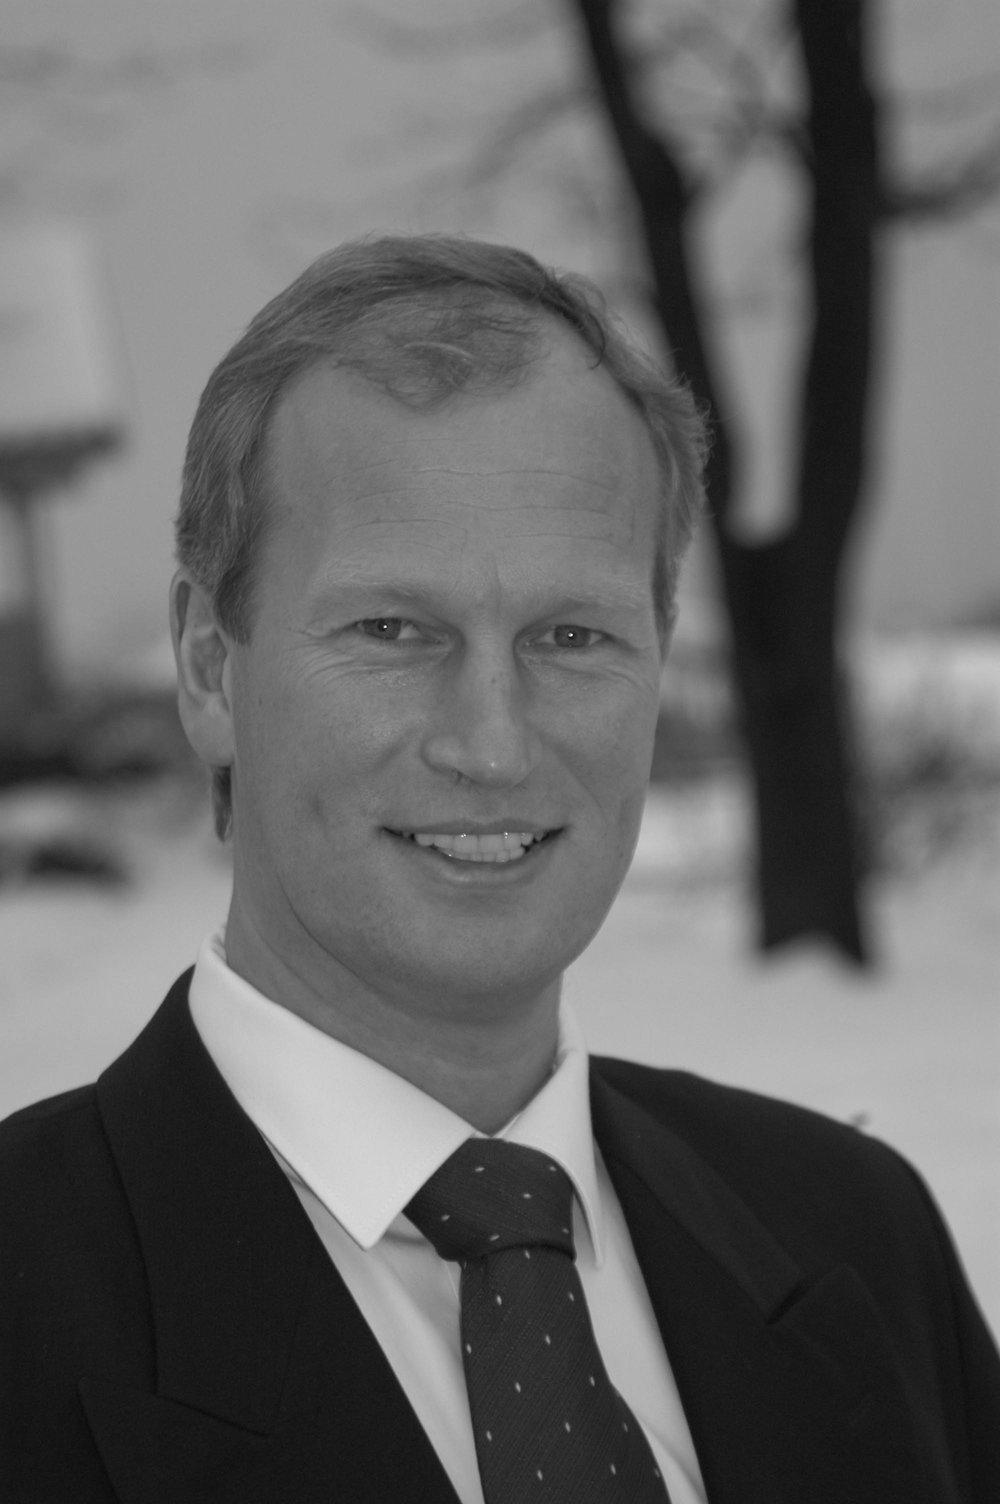 Lasse Meholm - Hvorfor kommer Blockchain til å revolusjonere bank og finansmarkedet?